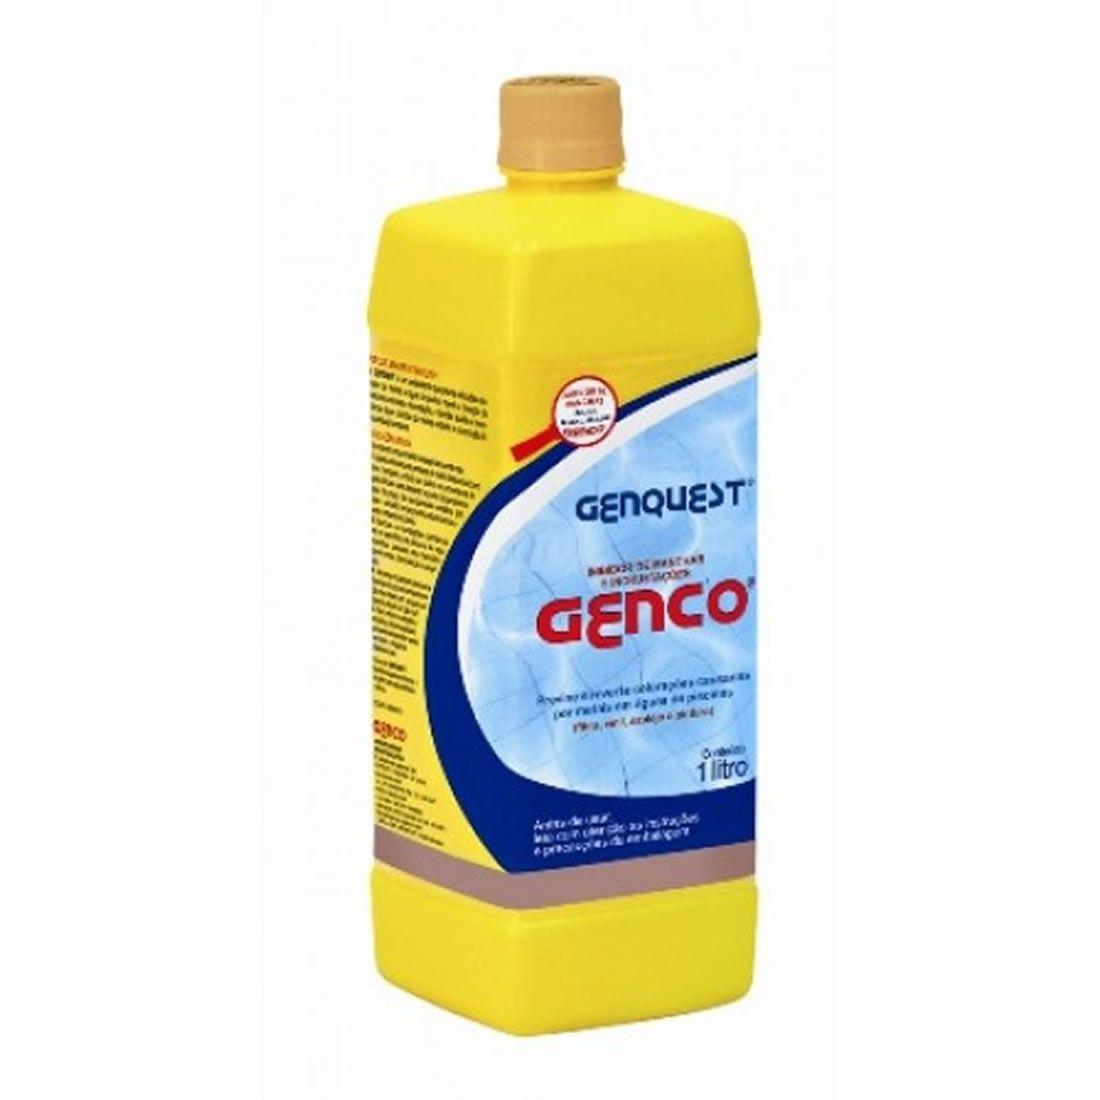 Inibidor de Manchas e Incrustações 1 Litro Genquest Genco